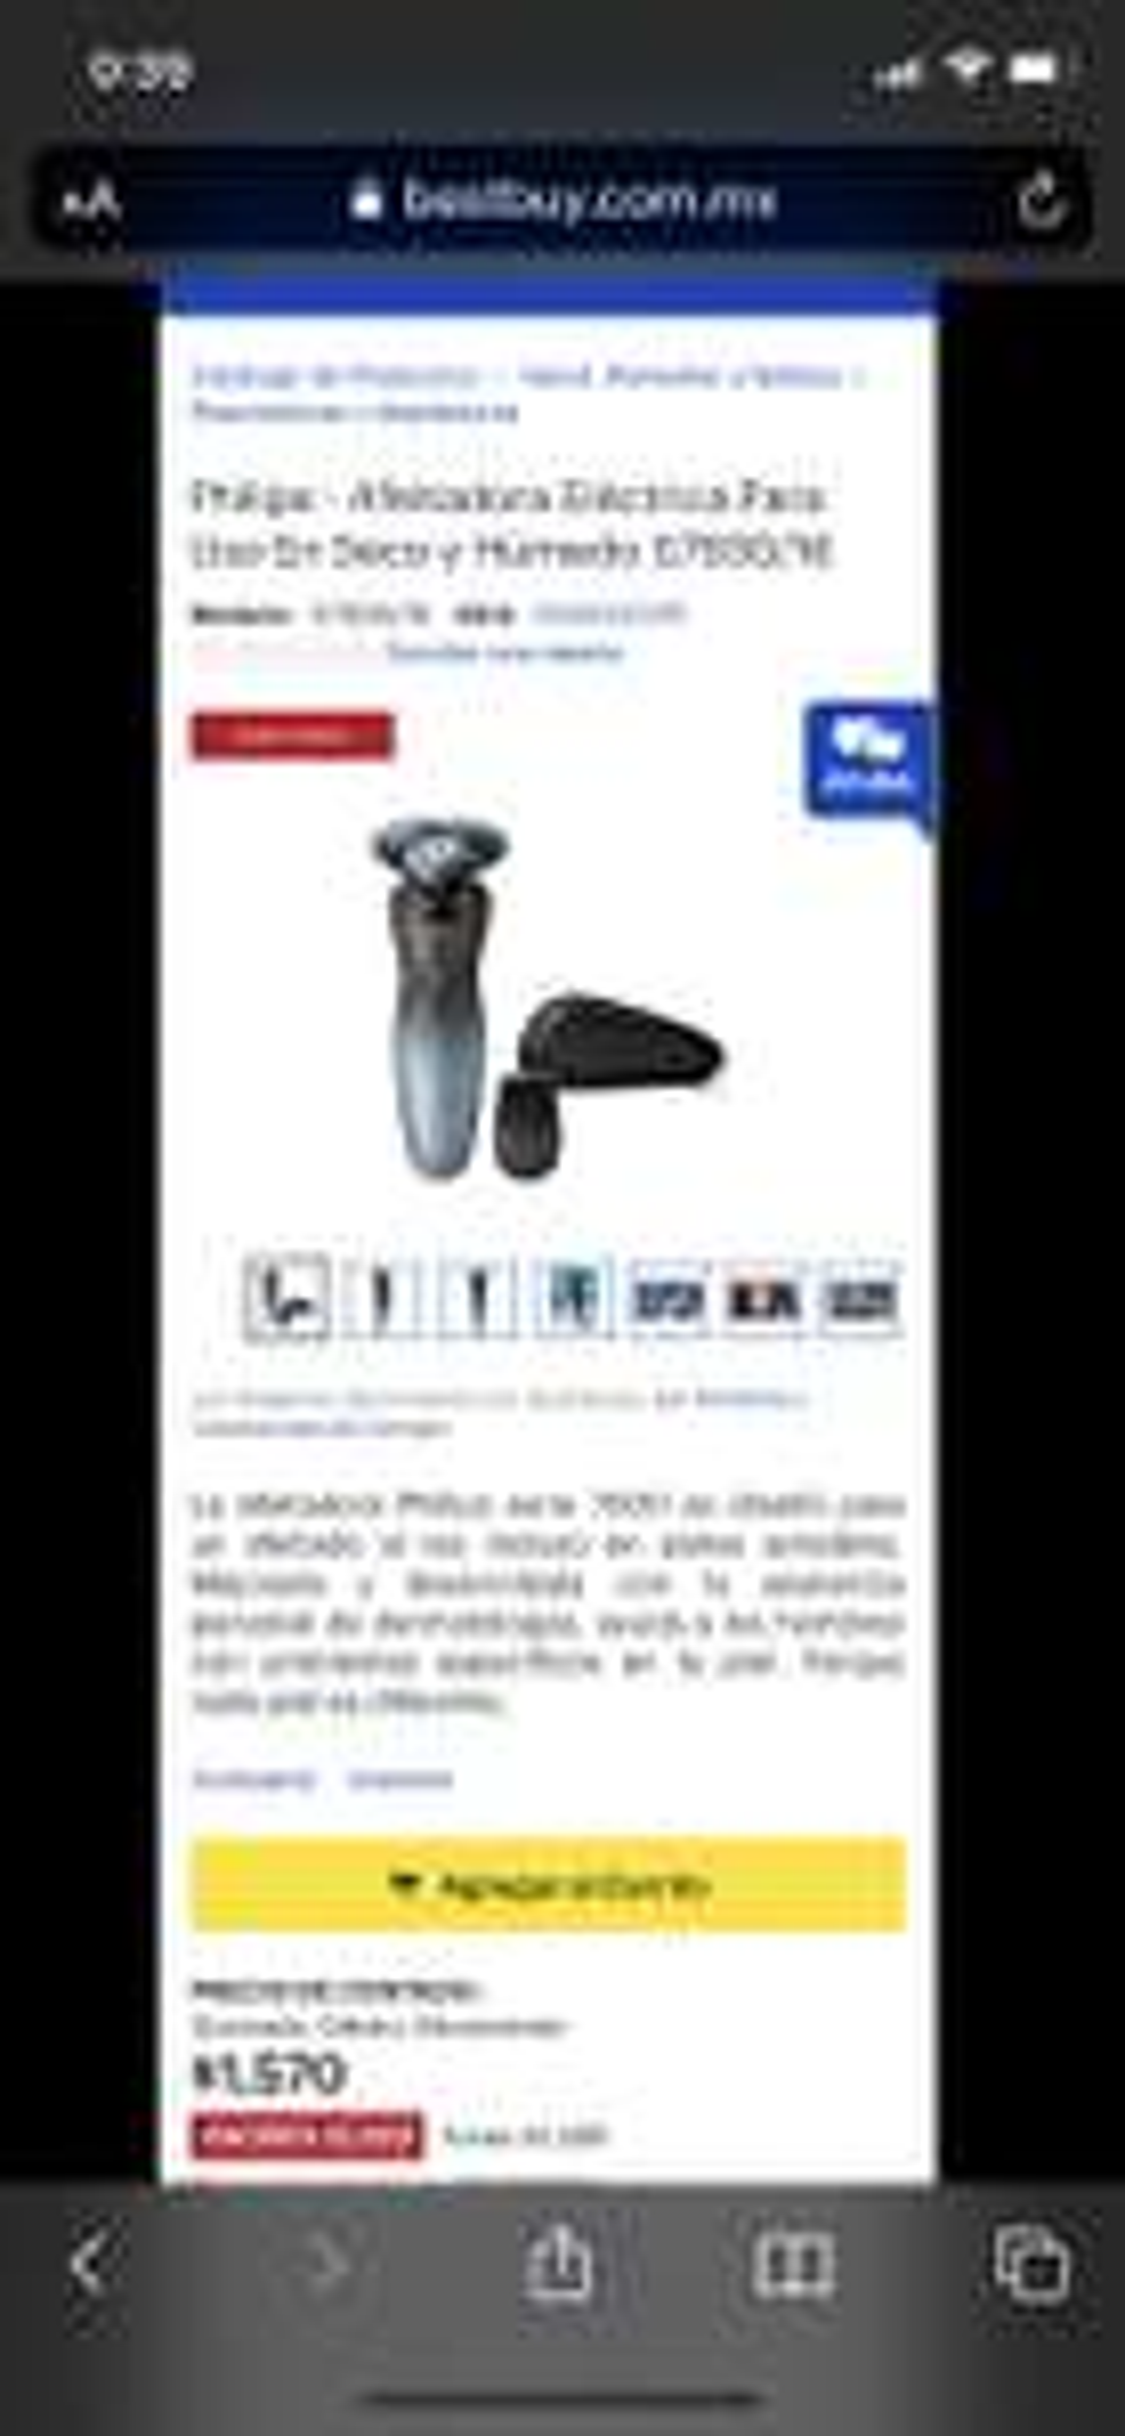 Best Buy: Philips - Afeitadora Eléctrica Para Uso En Seco y Húmedo S7930/16